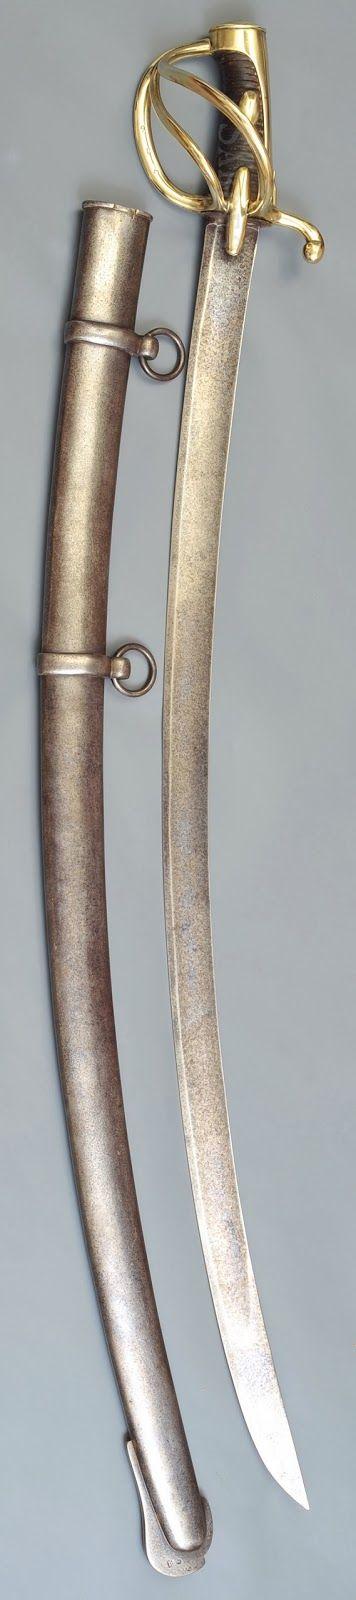 Collection de Sabres et Epées des Guerres Napoléoniennes: Sabre AN XI de…